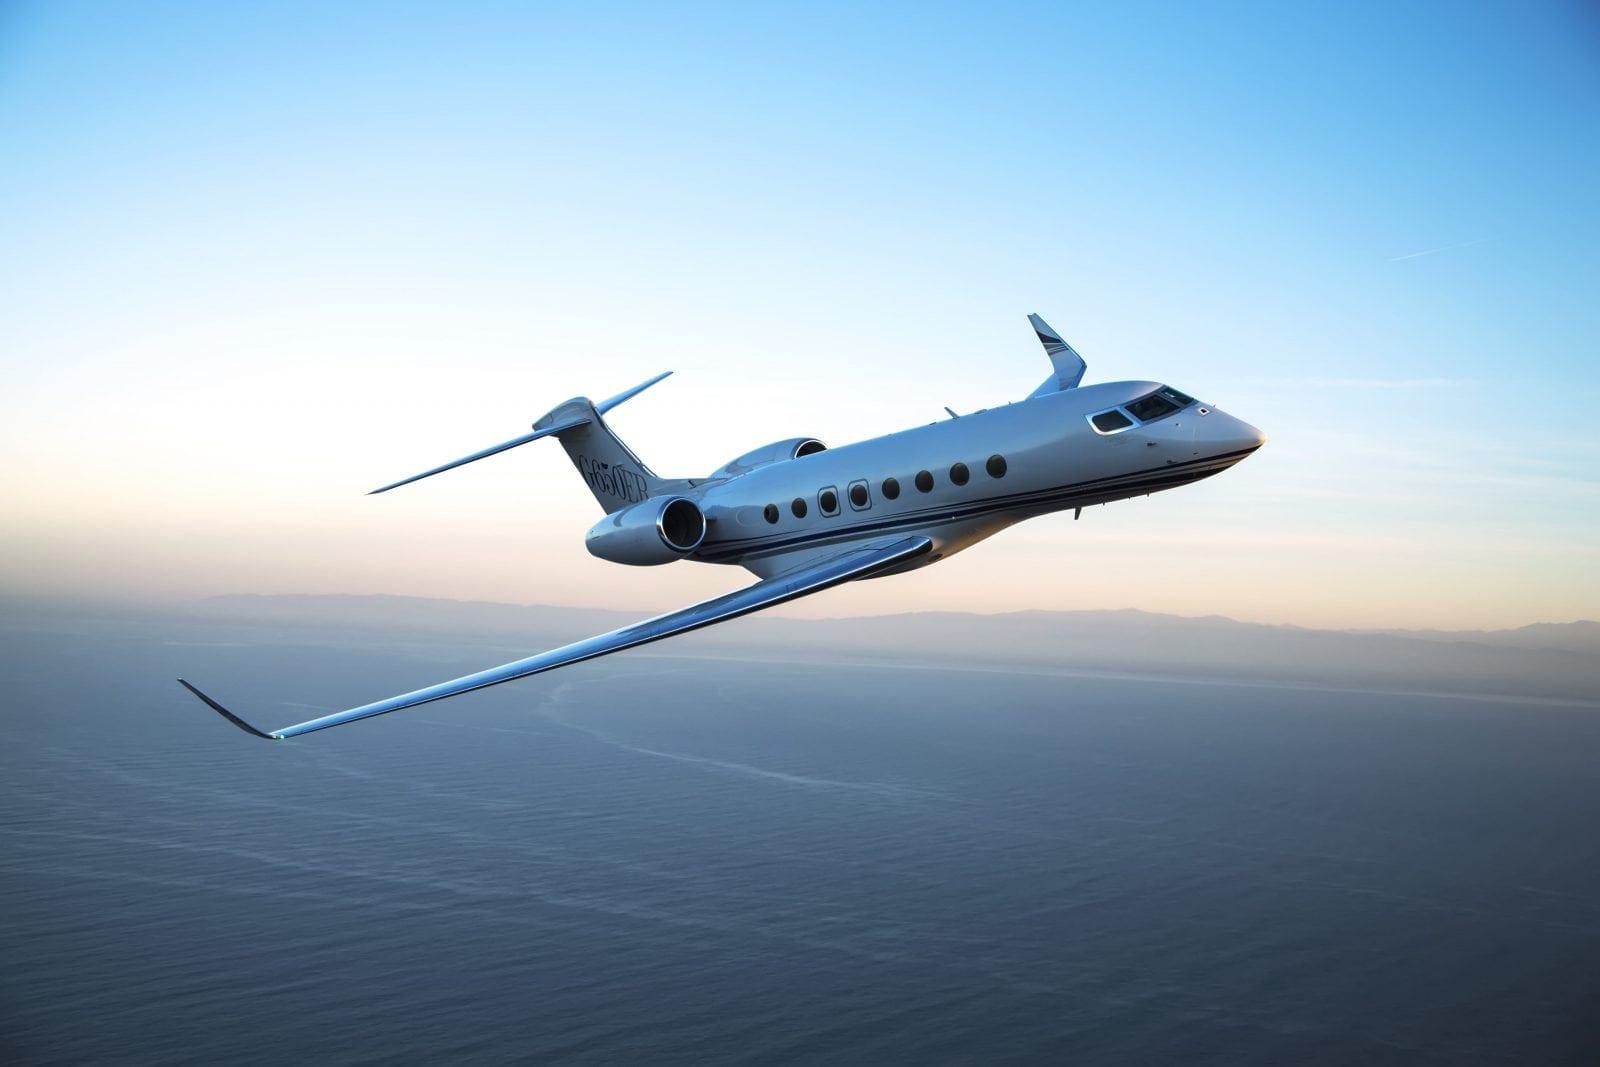 d g650ER a media 003 - Gulfstream - Singur deasupra norilor